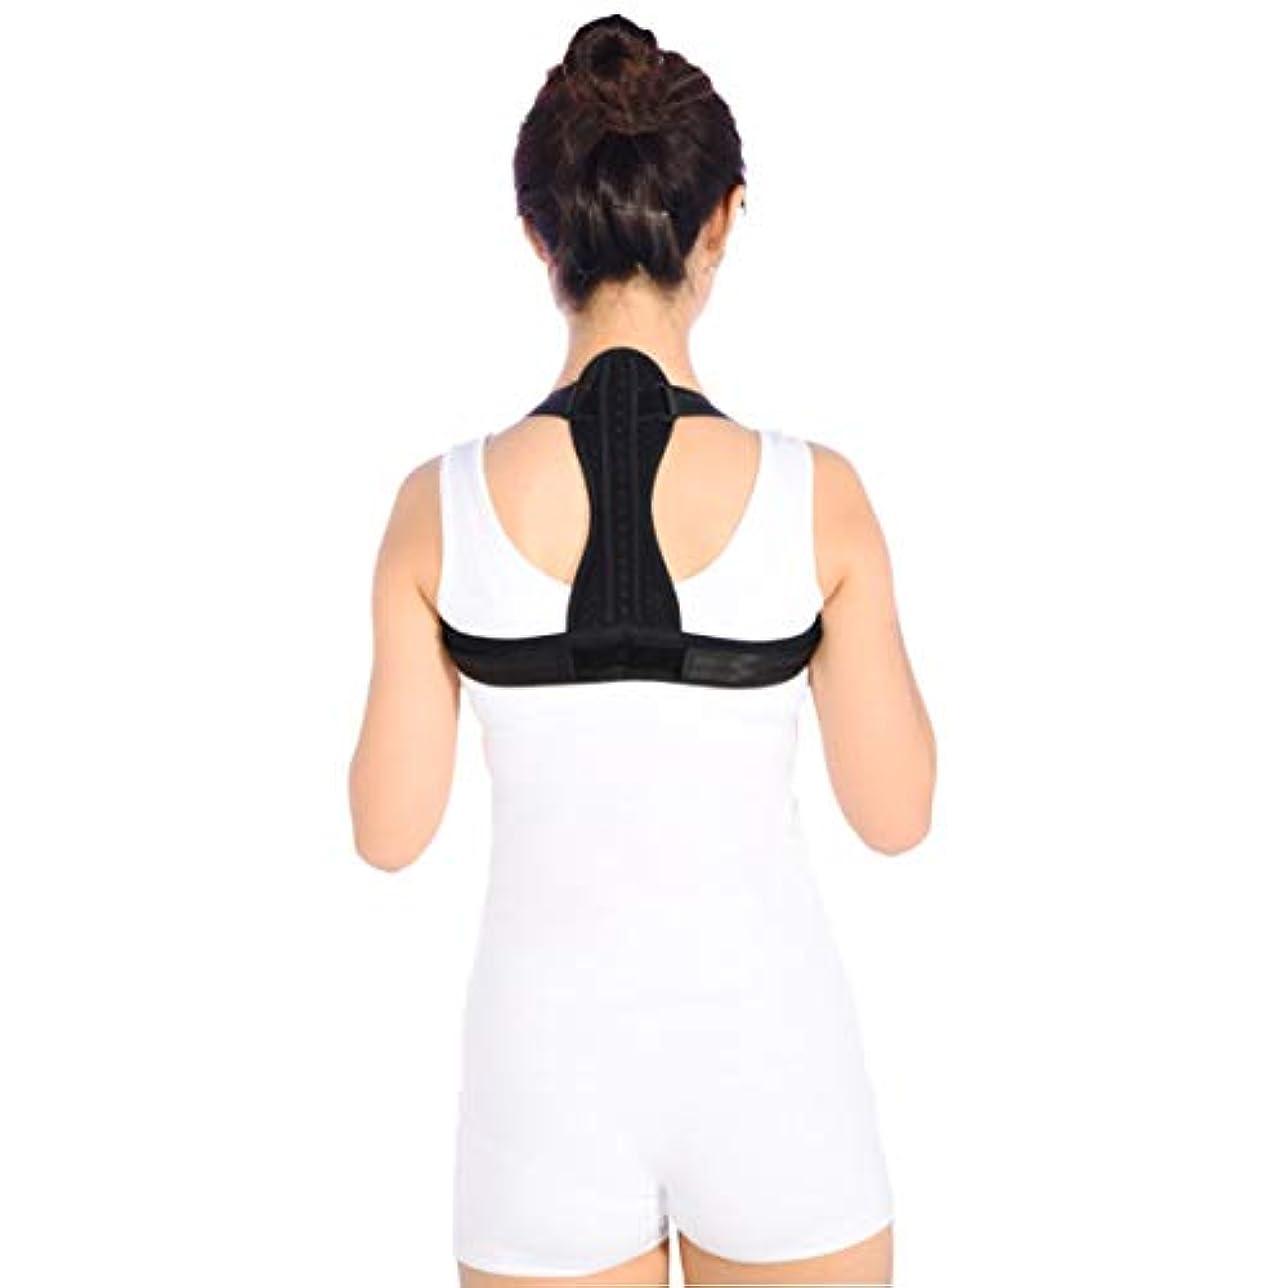 キャンパス素朴な遺産通気性の脊柱側弯症ザトウクジラ補正ベルト調節可能な快適さ目に見えないベルト男性女性大人学生子供 - 黒